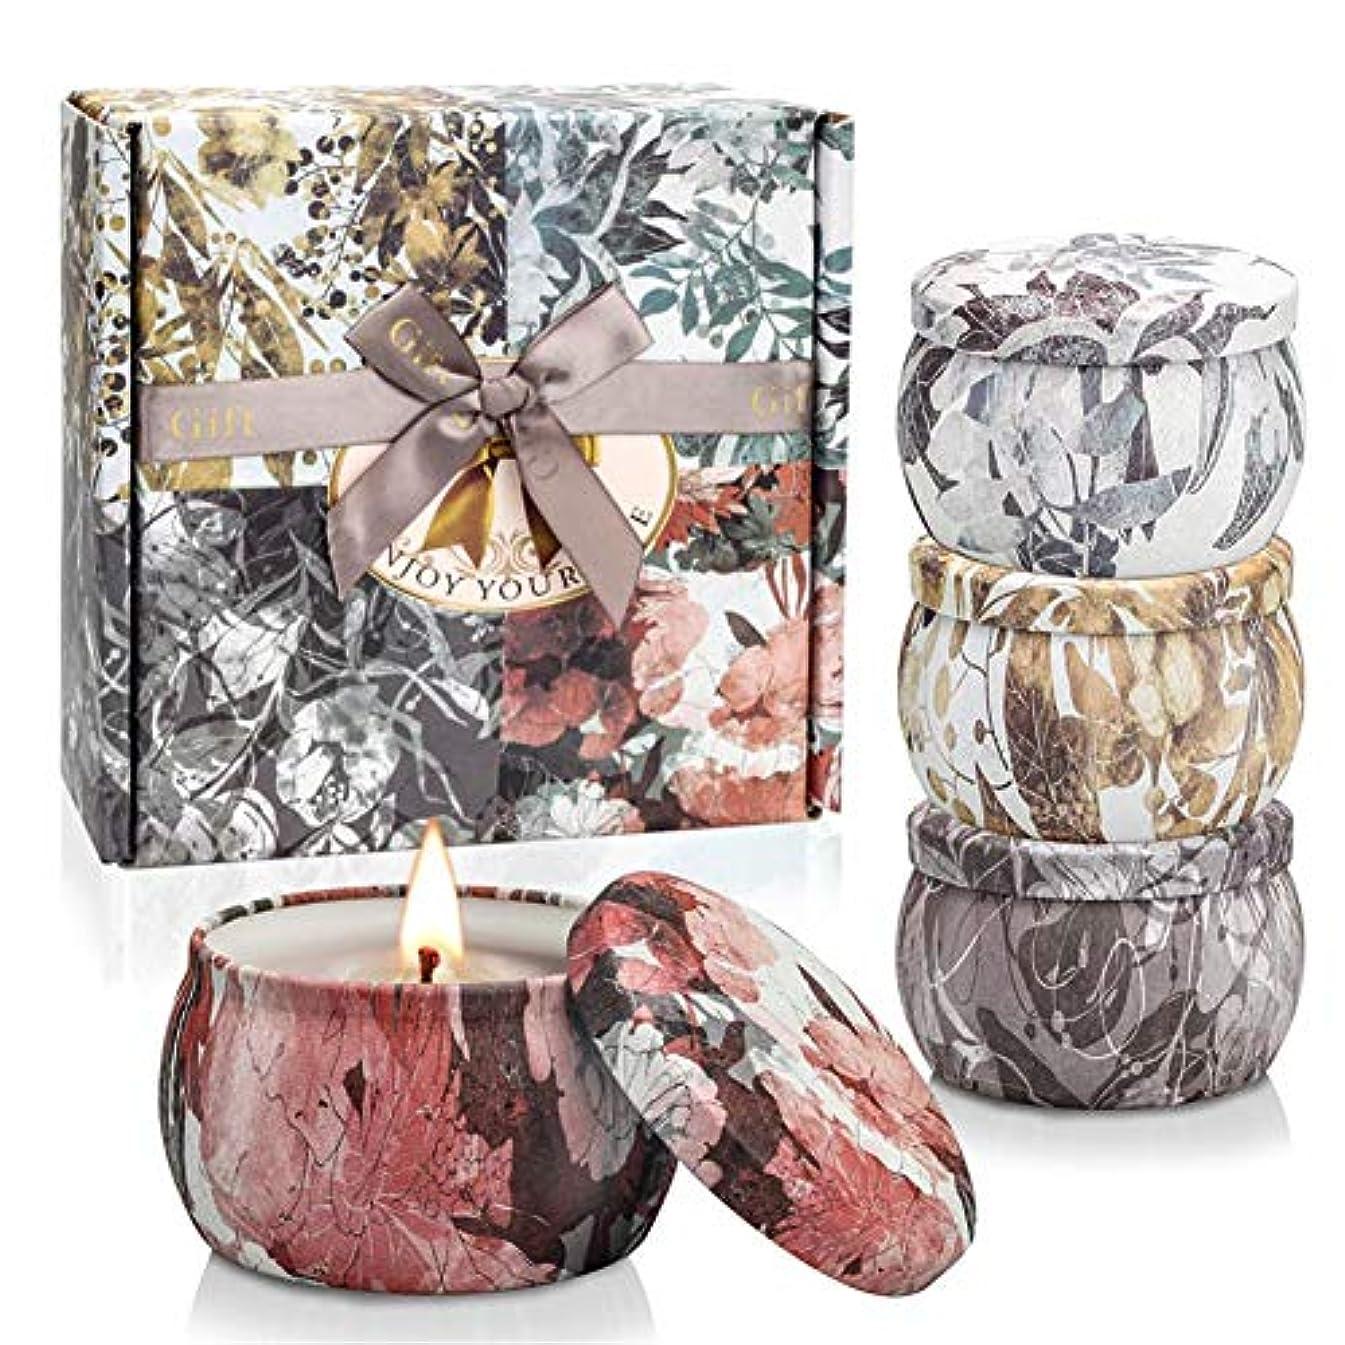 間接的時計宮殿Ankishiアロマセラピーキャンドルギフトセット100%天然大豆ワックス4.4オンスポータブル旅行錫キャンドル燃焼時間25-30時間完璧な女性の母の日クリスマスギフト